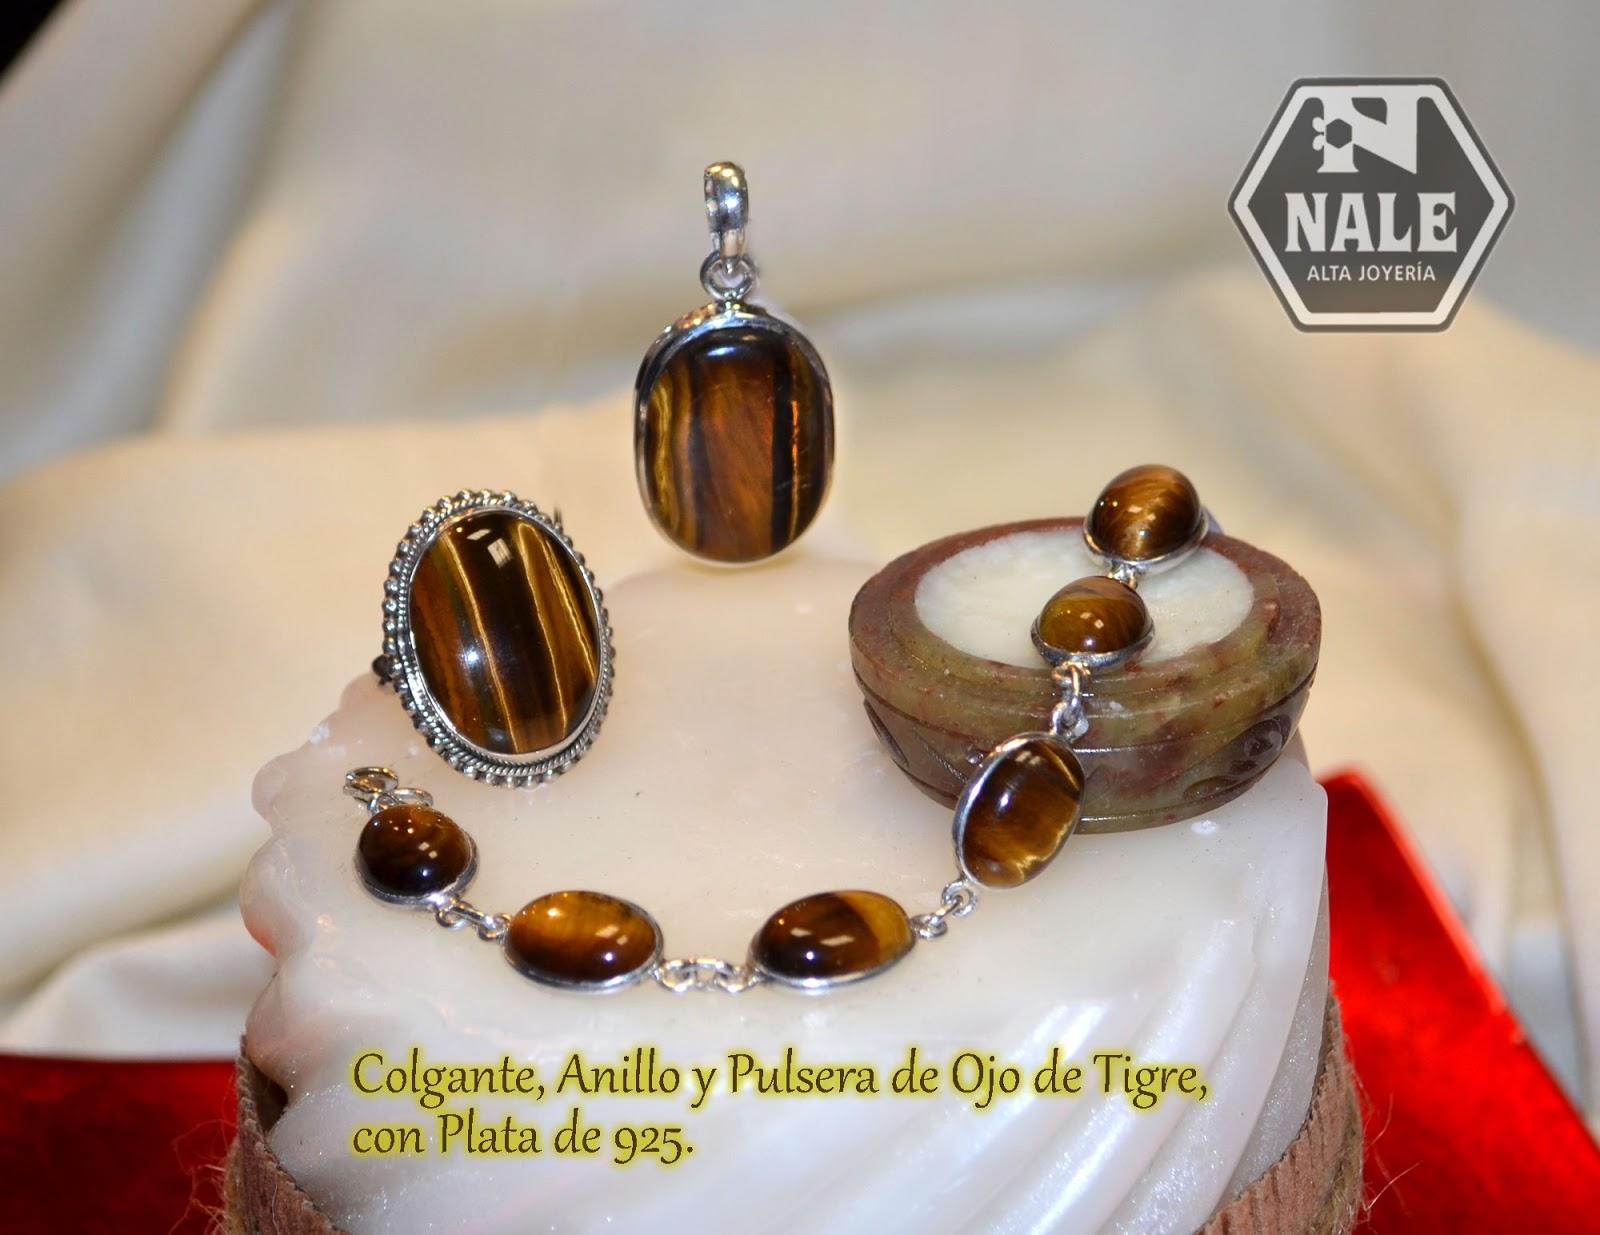 Grupo lab nale piedras naturales propiedades y beneficios - Propiedades piedras naturales ...